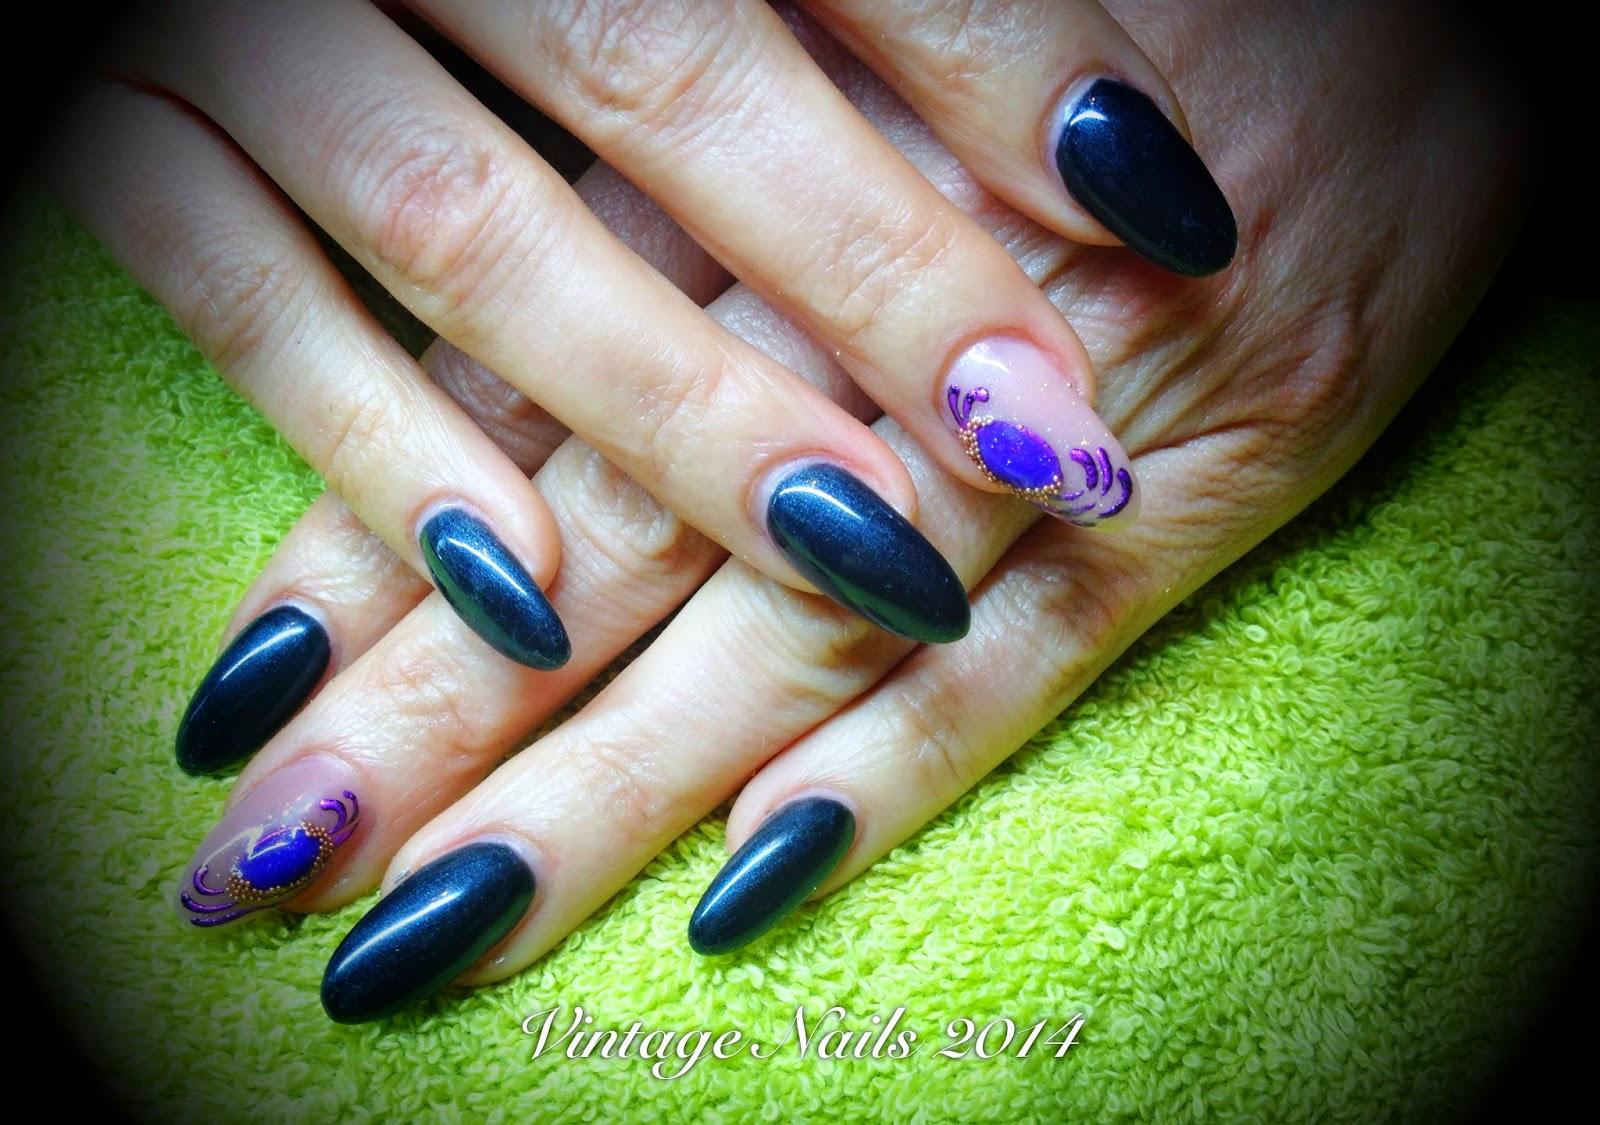 Vintage Nails : 2014